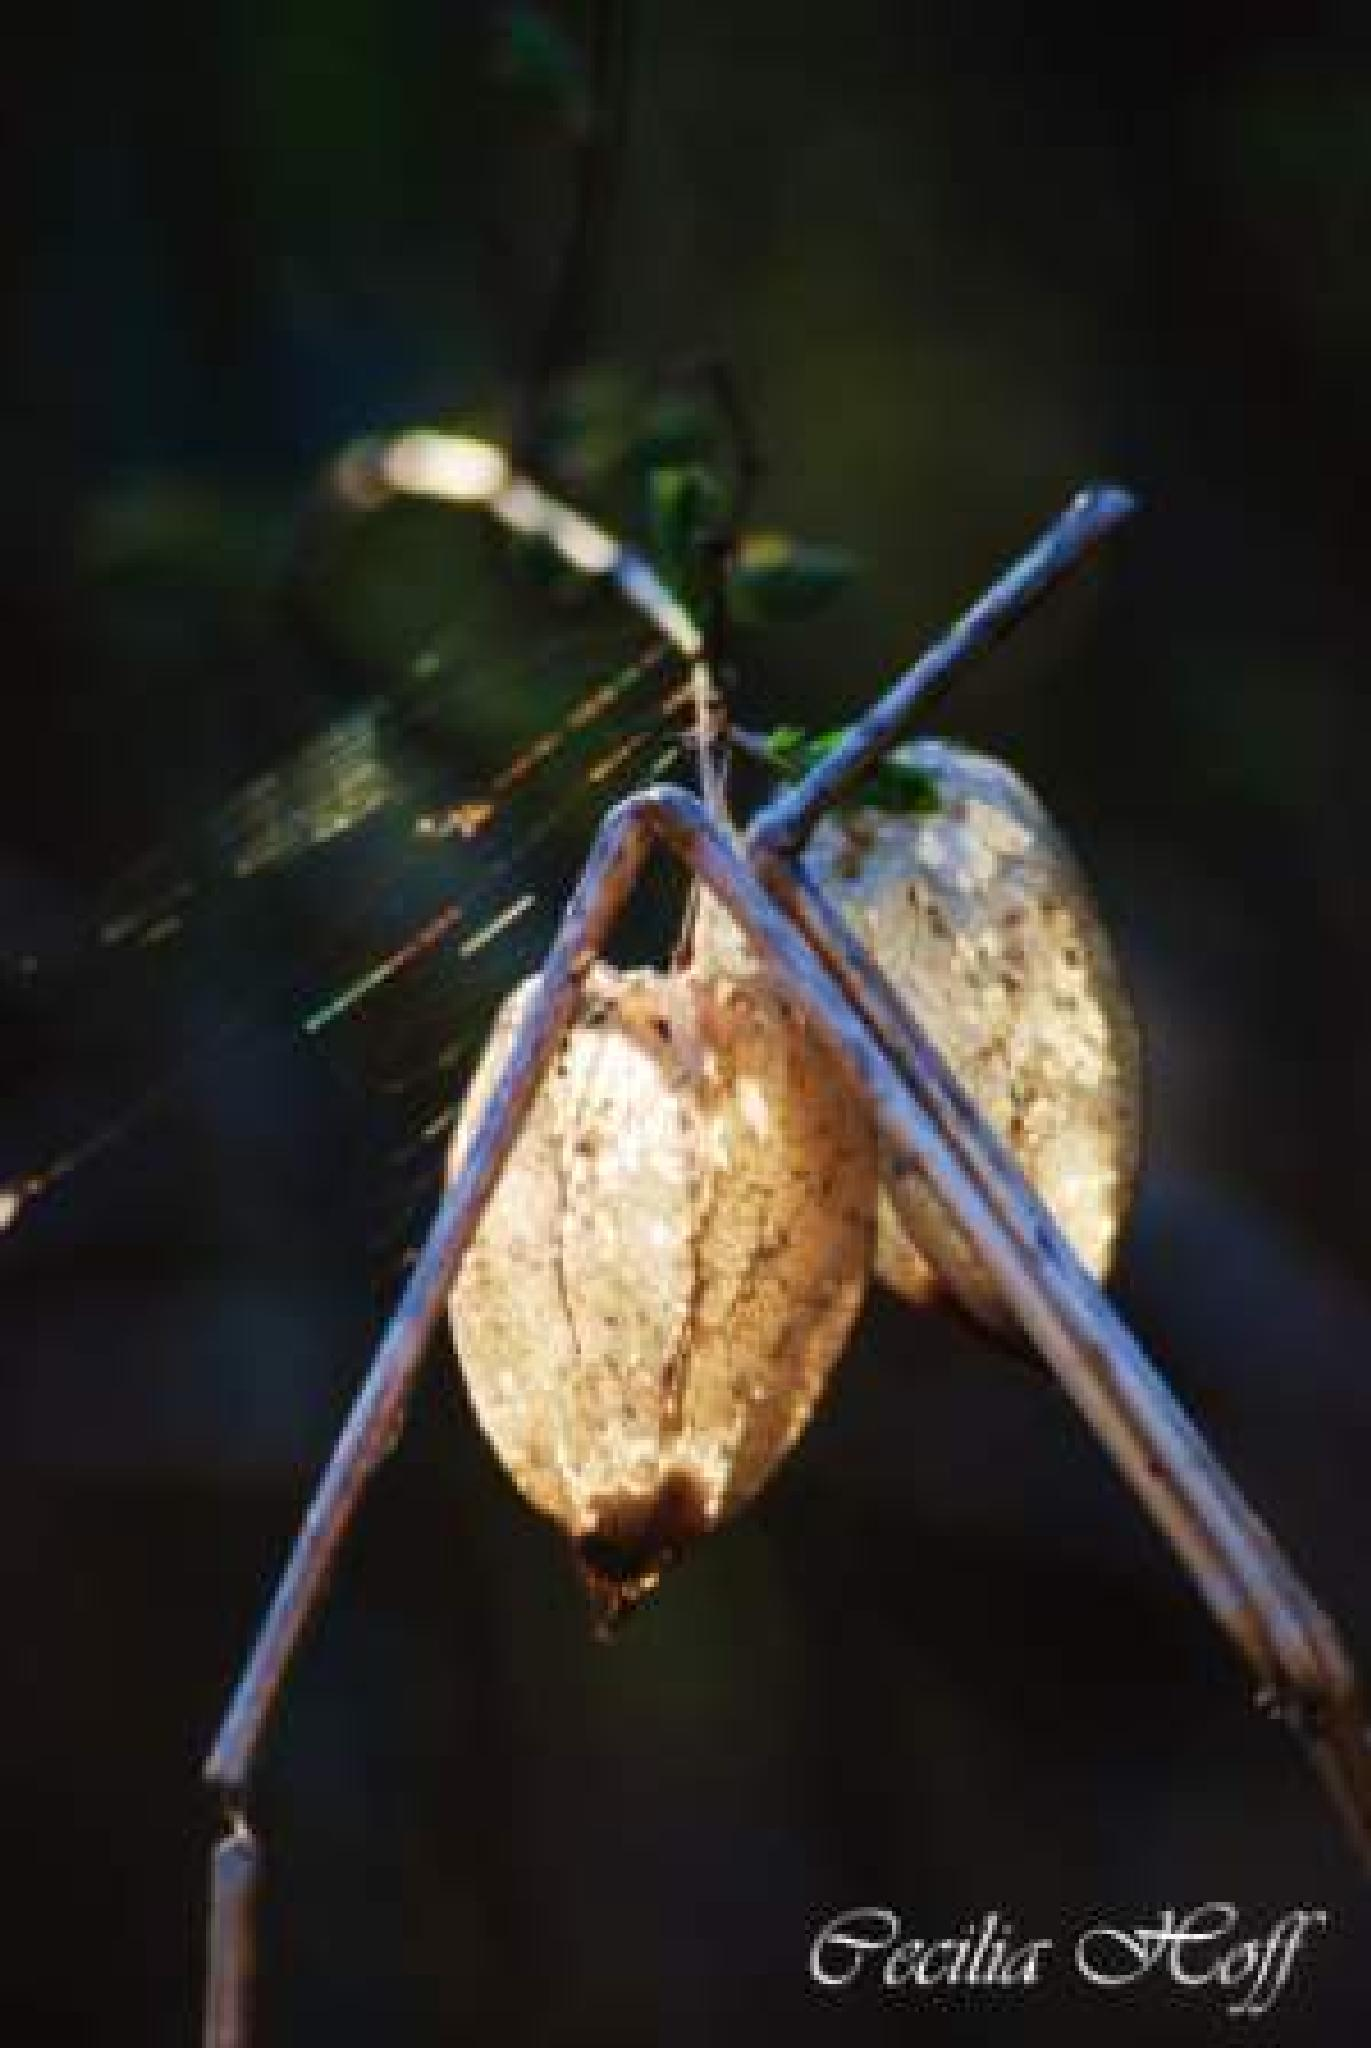 Seedpod by hoffcecilia